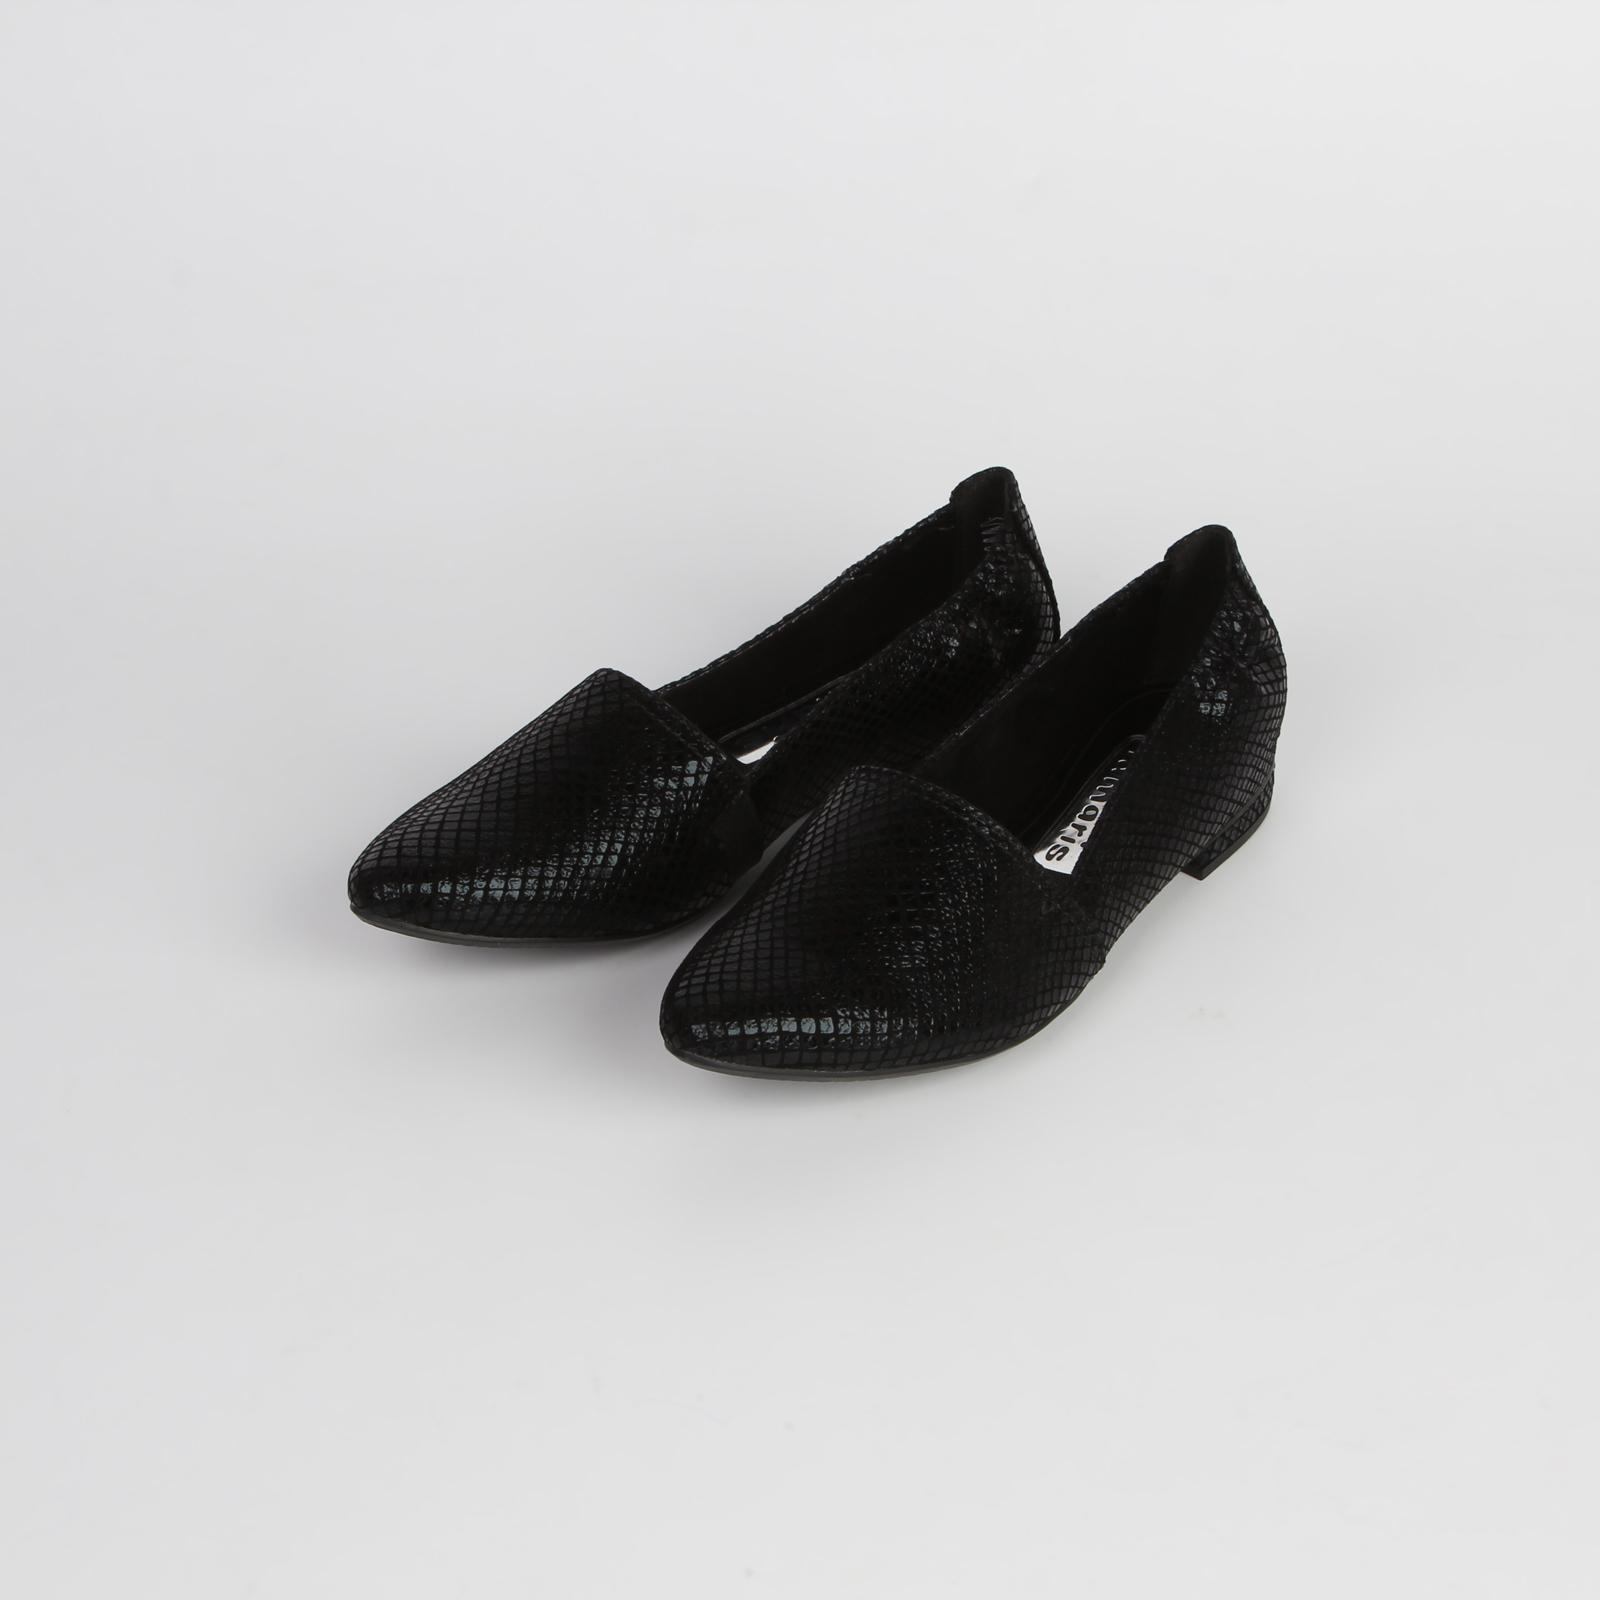 Туфли женские декорированные под «рептилию» на невысоком каблуке